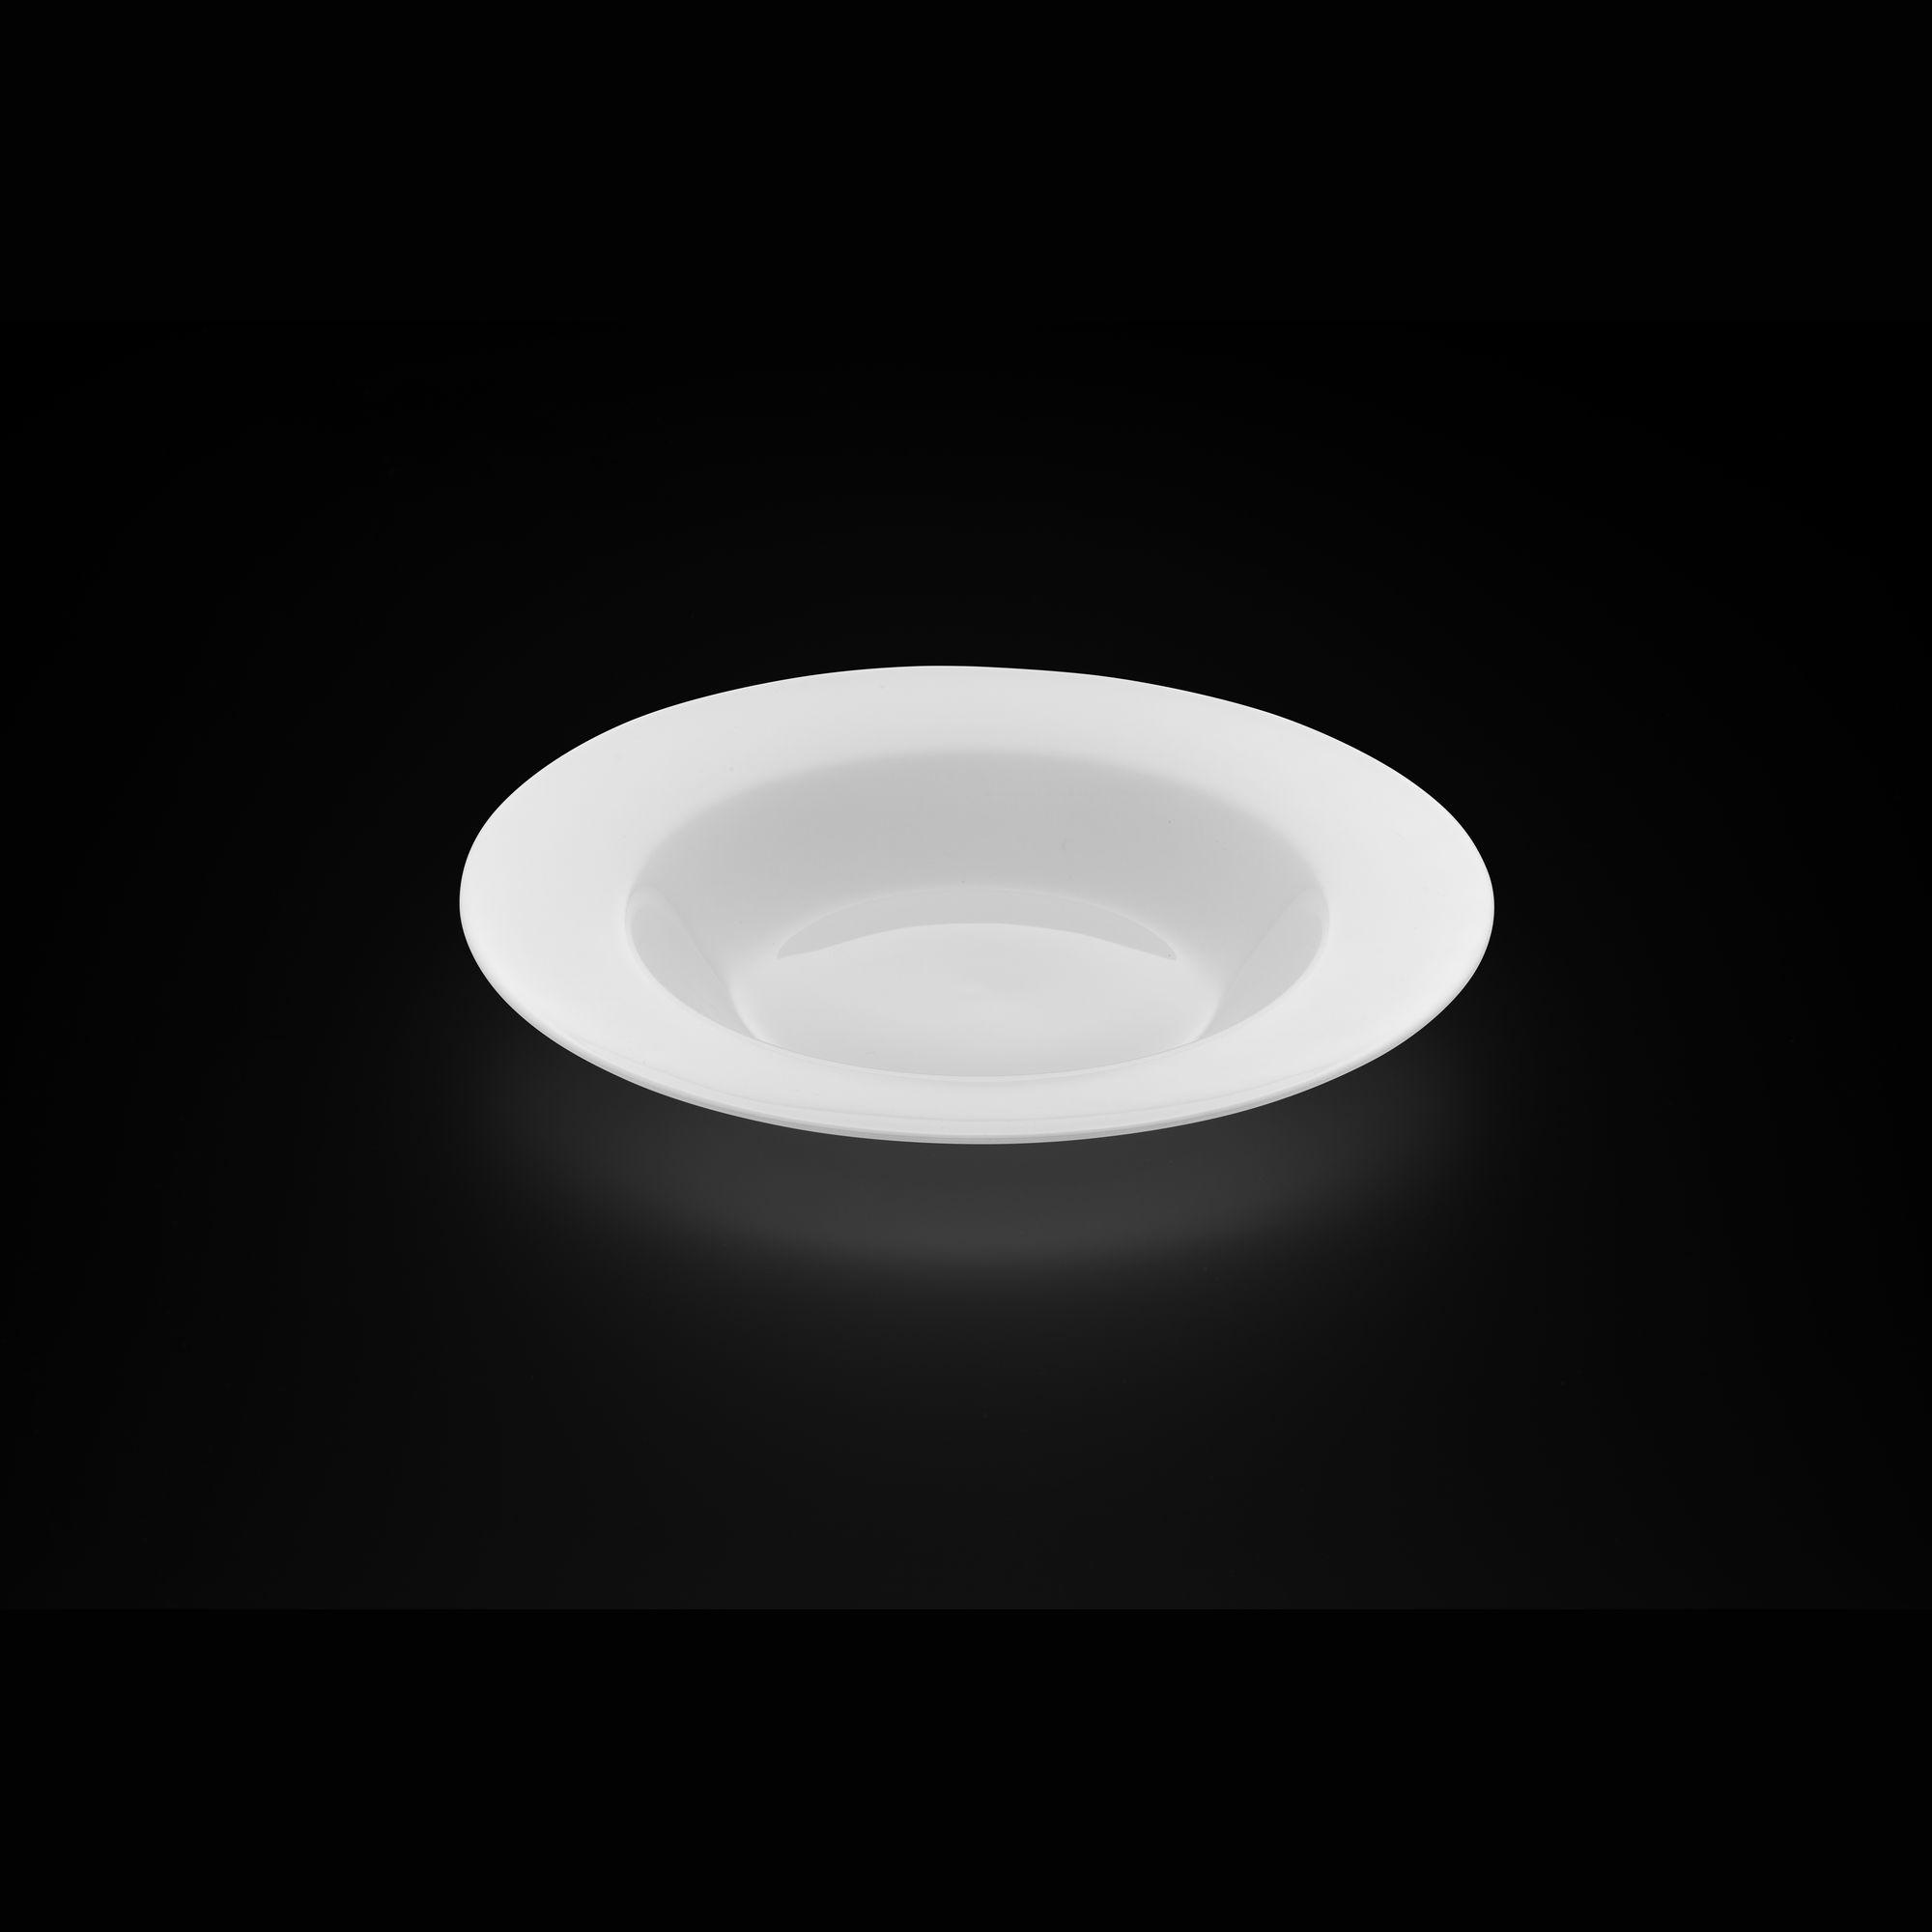 TUDOR ENGLAND Тарелка глубокая 22.8 смФарфор Tudor England – идеальное посудное решение для любой семьи или ресторана благодаря доступной цене, отличному внешнему виду и высокому качеству, прочности и долговечности, привлекательному дизайну и большому ассортименту на выбор. Важным преимуществом является возможность использования в микроволновой печи, духовке (до 280 градусов) и мытья в посудомоечной машине. Линейка Tudor Ware производилась с 1828 года, поэтому фарфор Tudor England является наследником традиций, навыков и технологий ушедших поколений, что отражается в каждой из наших фарфоровых коллекций.<br>